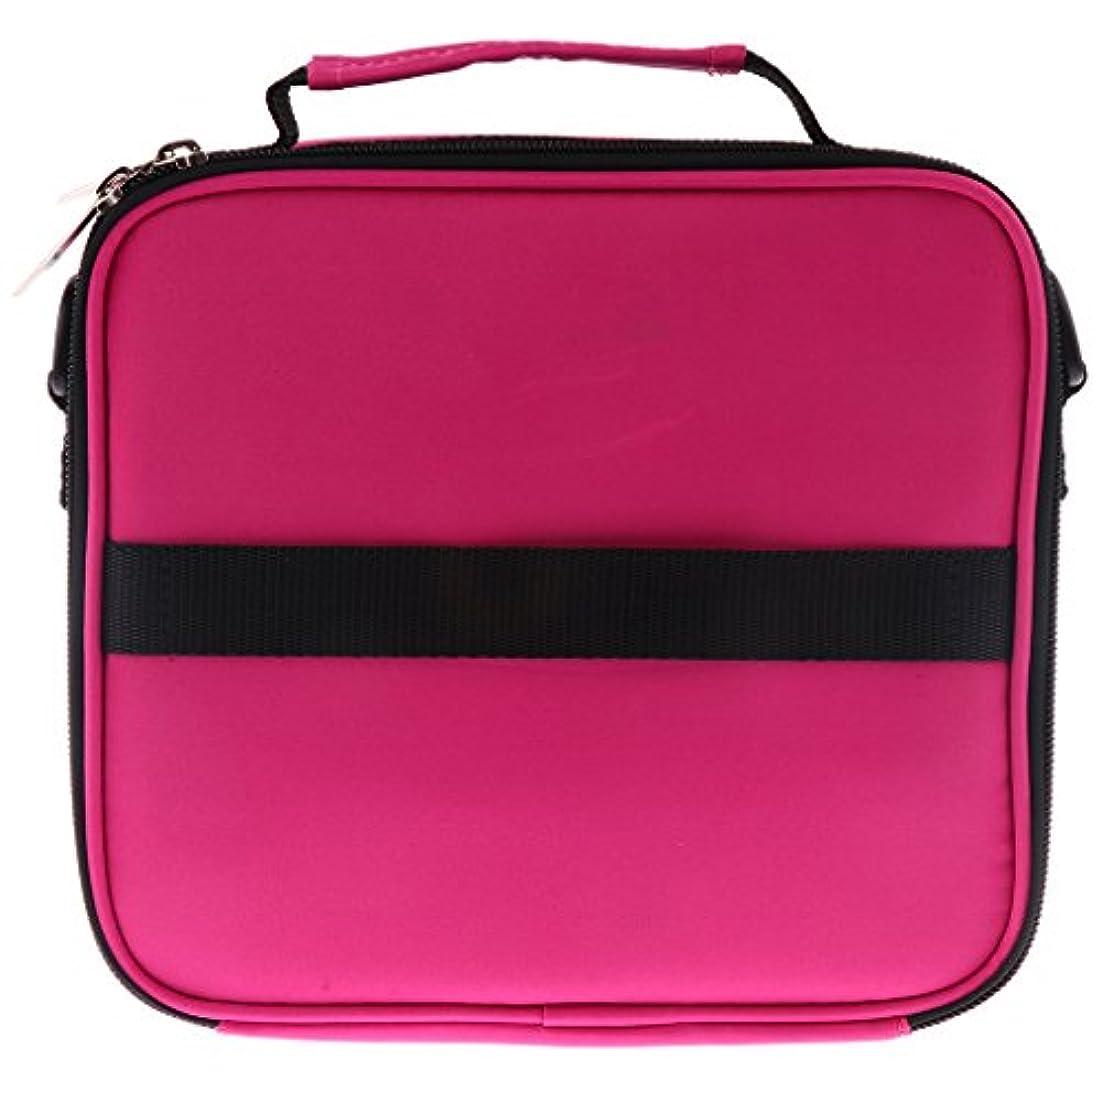 煙厳密にペナルティHellery 全6色 アロマポーチ エッセンシャルオイル ケース 香水収納バッグ アロマケース 携帯用 30本用 - ローズレッド